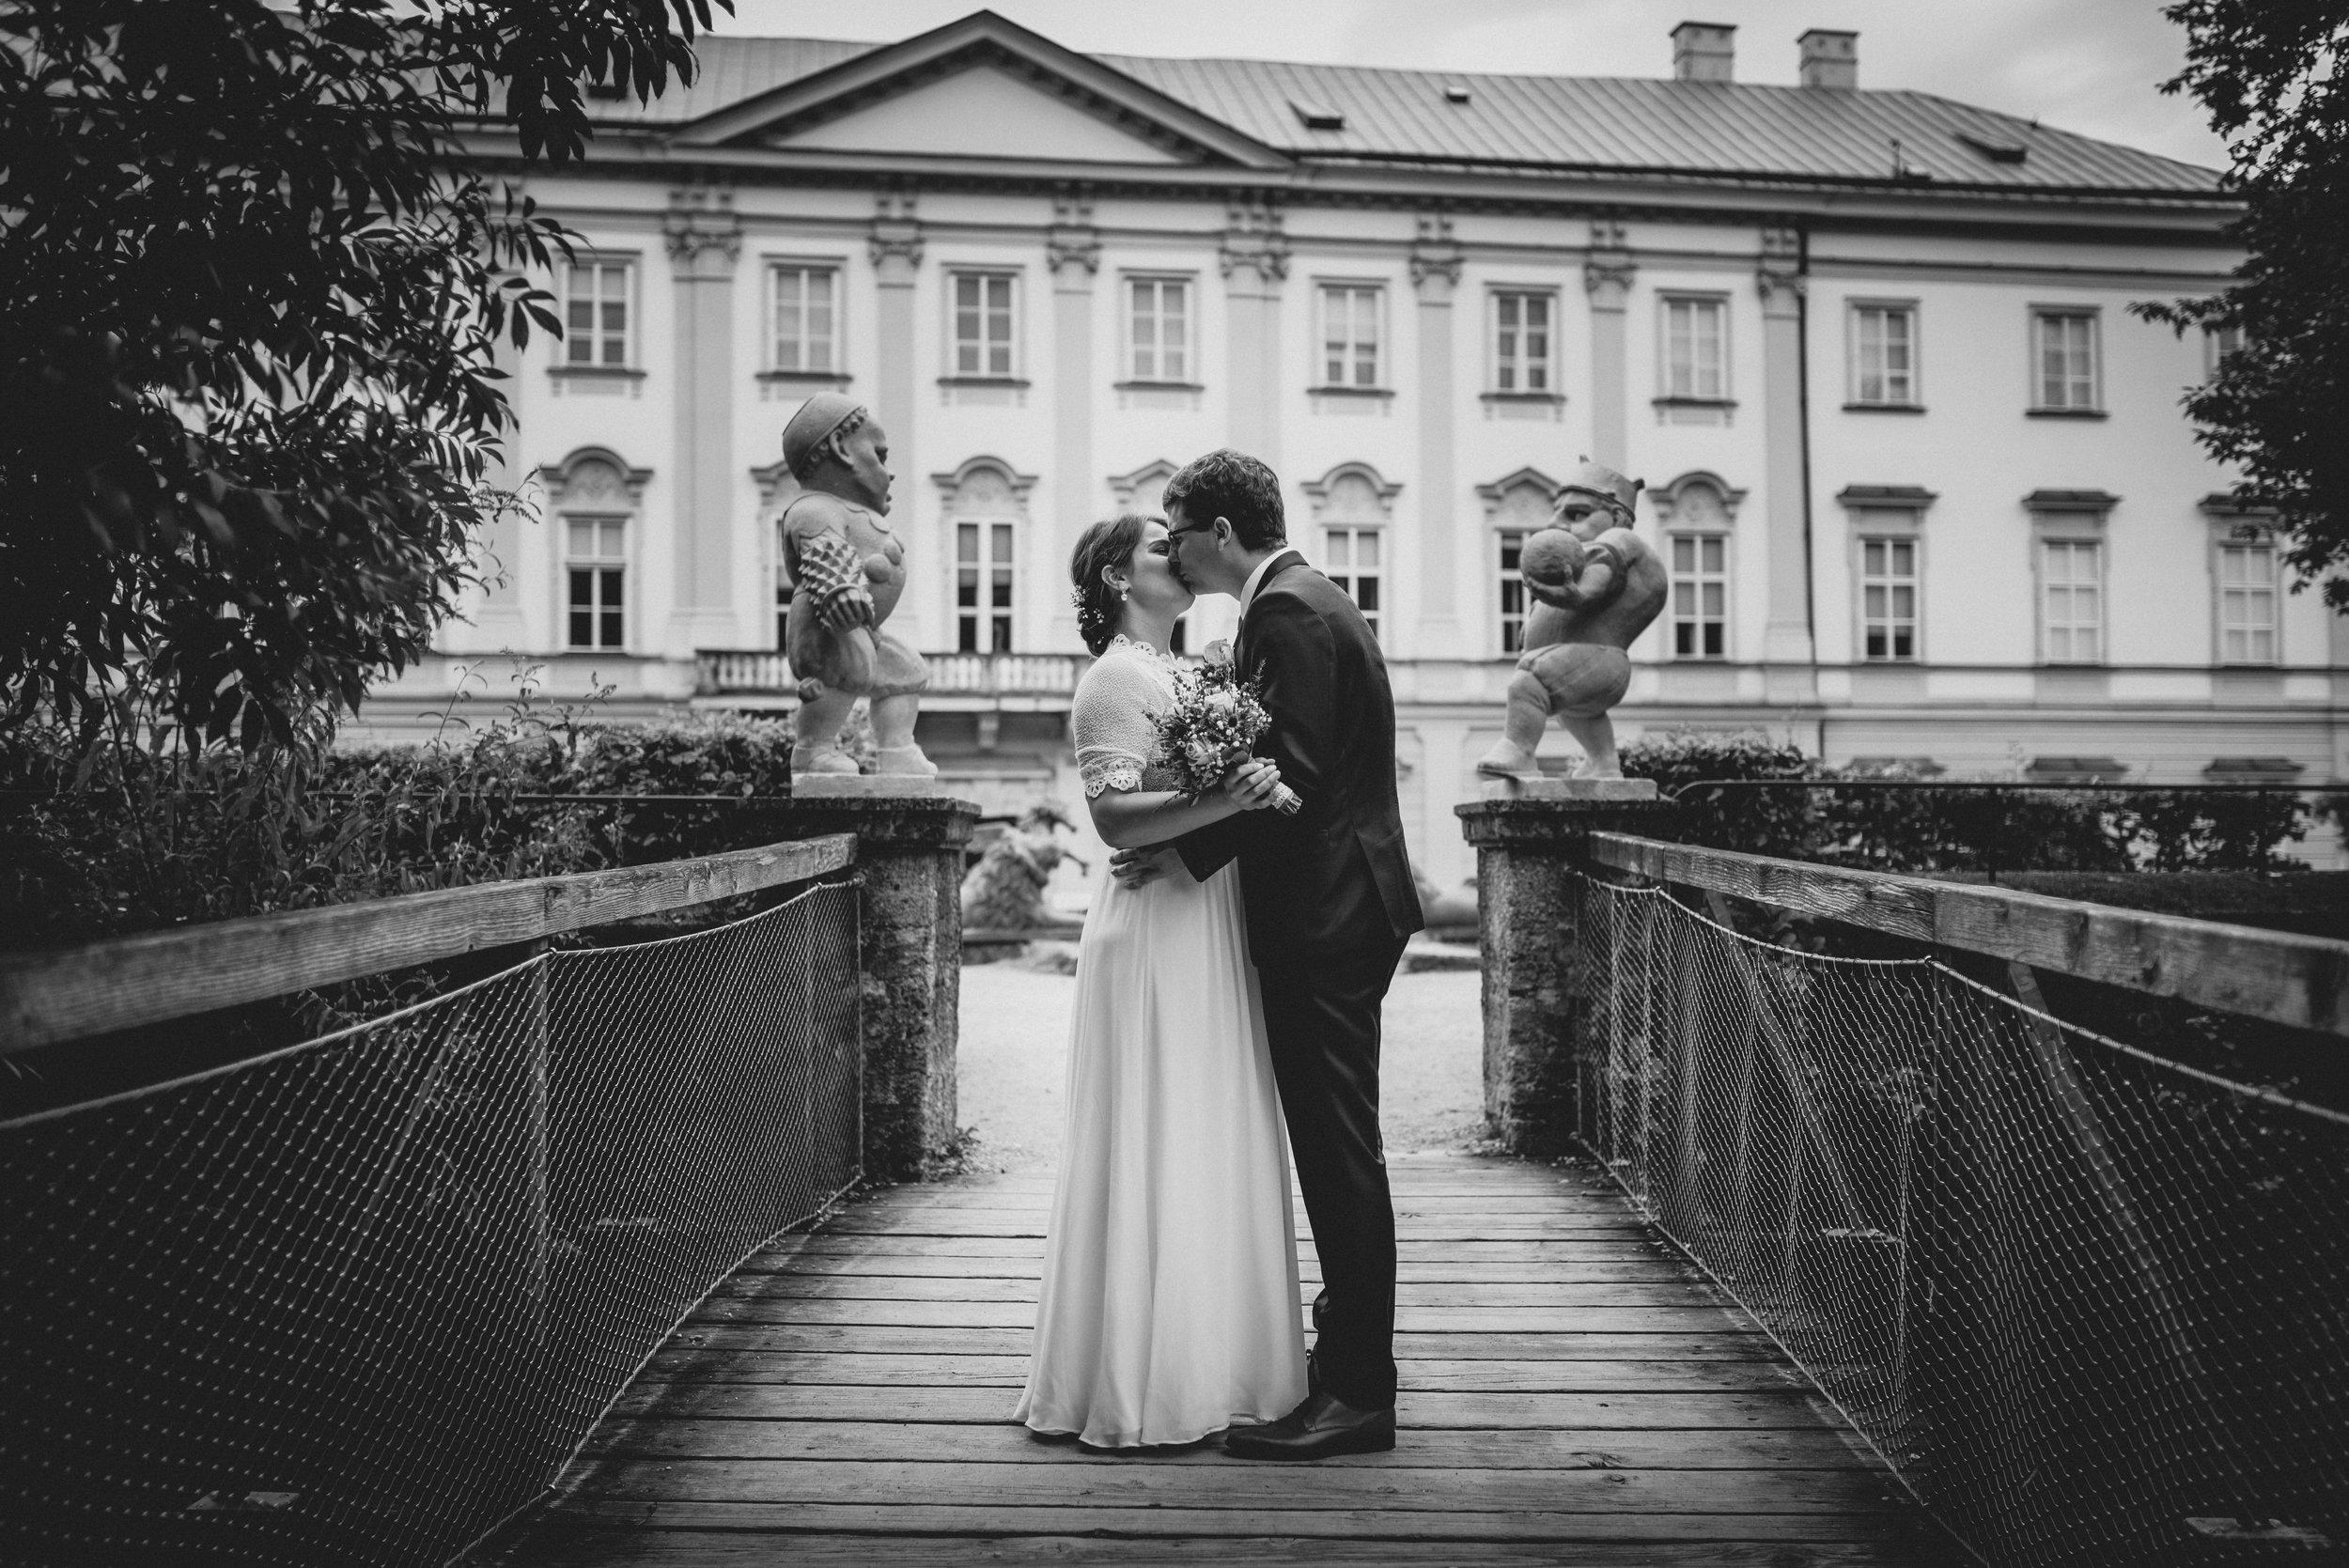 Hochzeit Salzburg Mirabell - Miss Freckles Photography (7 von 49).jpg